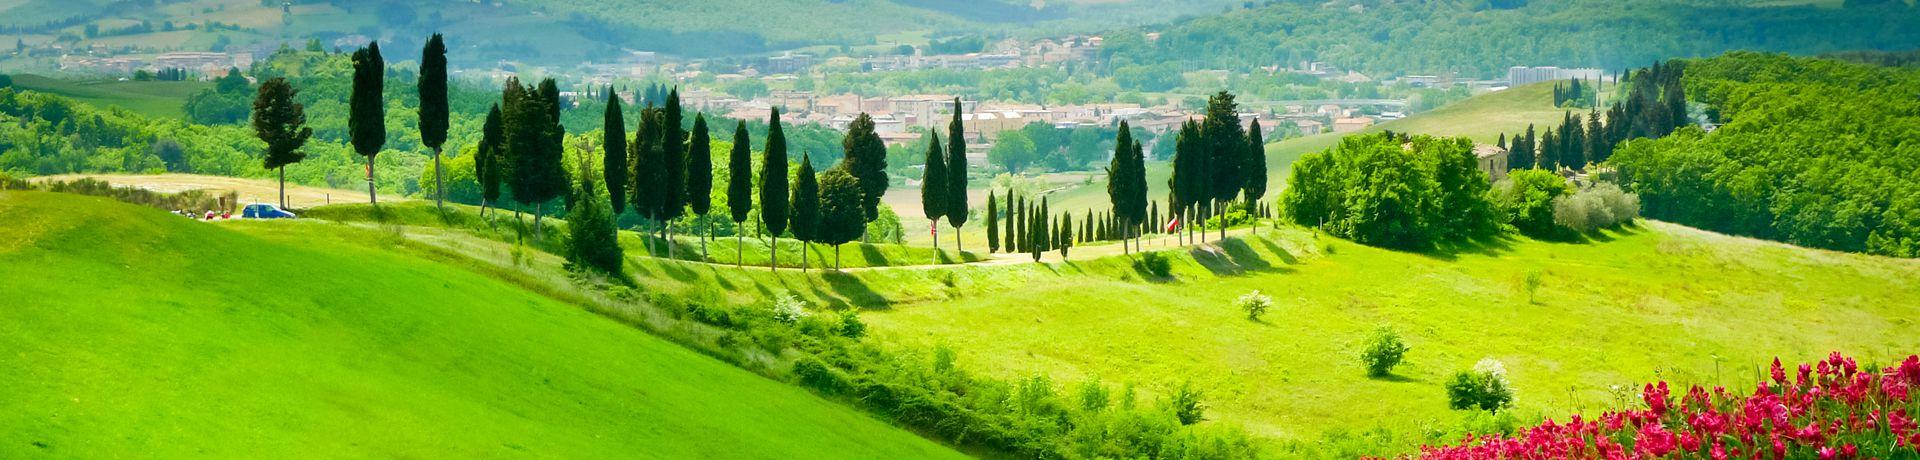 Supertrips - Vakantiewoning Toscane